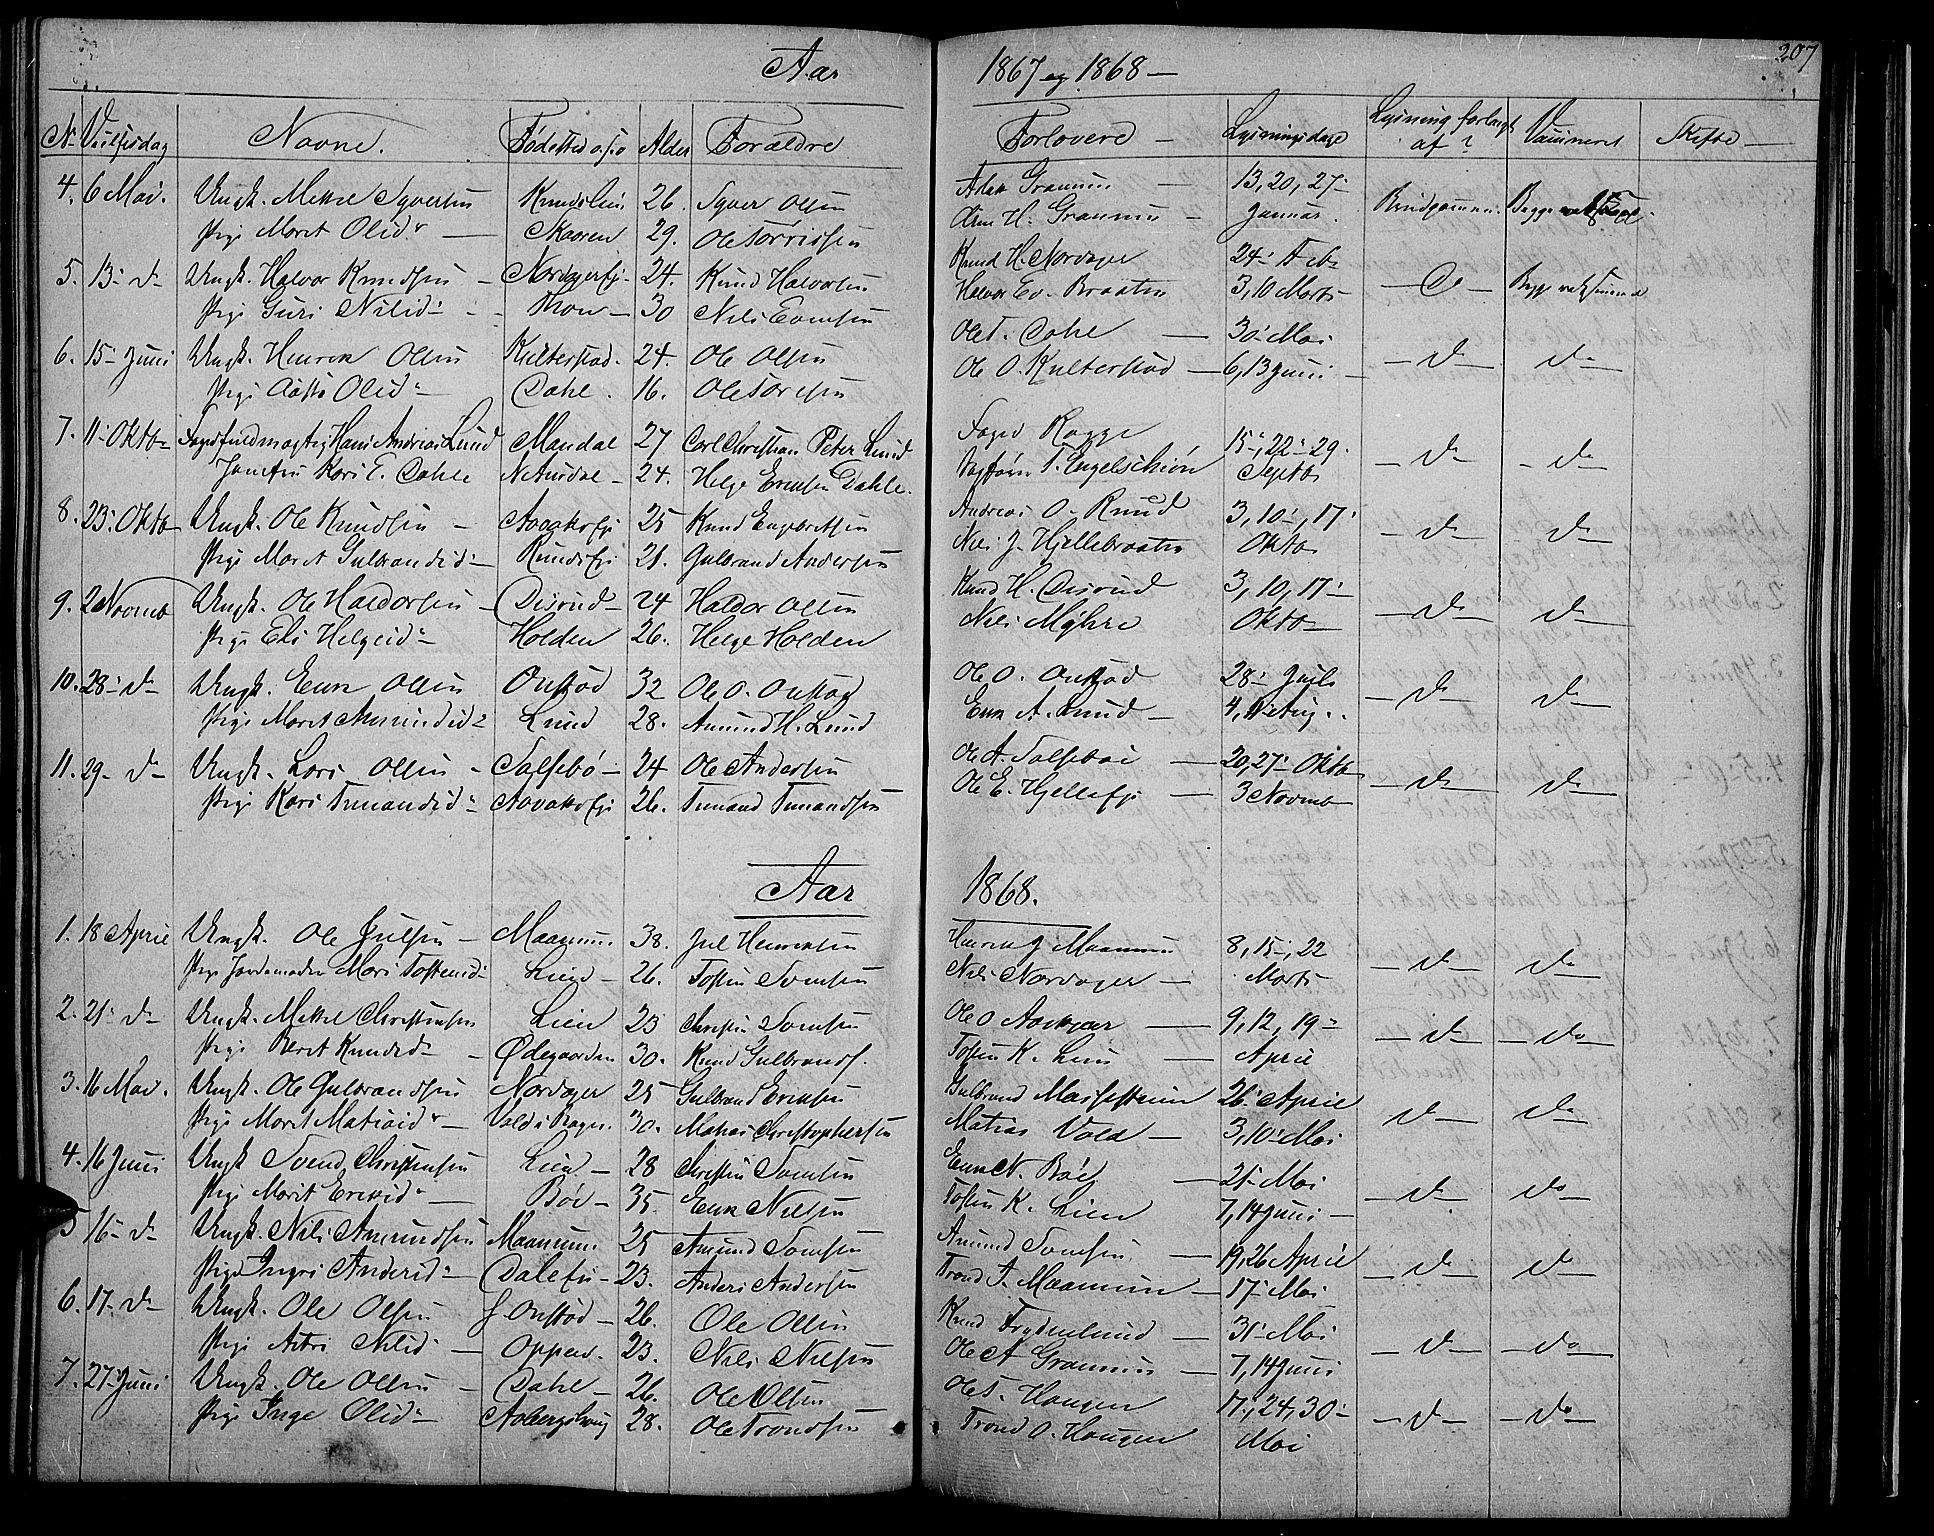 SAH, Nord-Aurdal prestekontor, Klokkerbok nr. 2, 1842-1877, s. 207